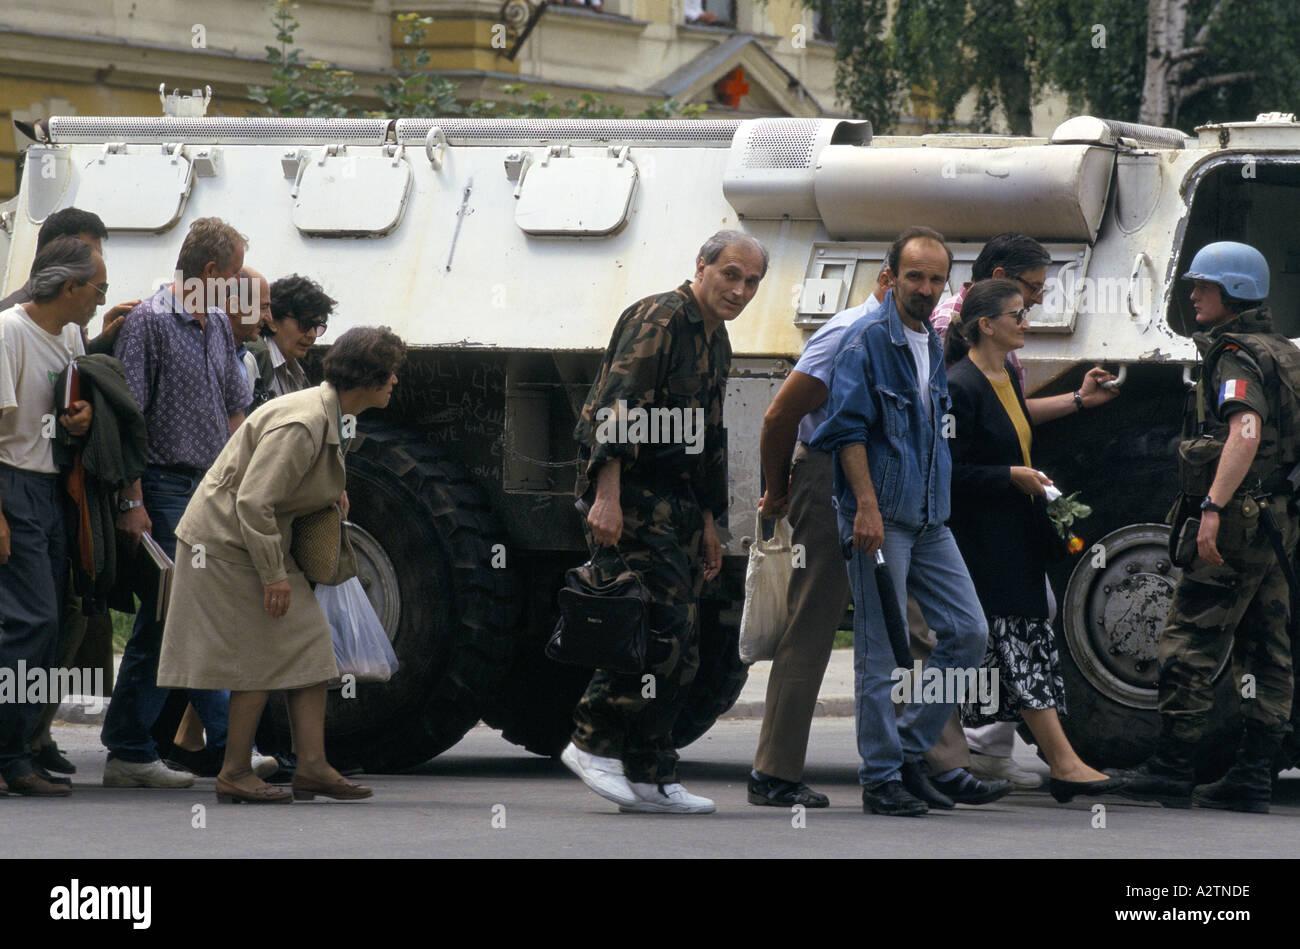 Sarajevo Juni 1995 un tank Soldat Abschirmung Menschen wie sie Scharfschützen anfällig Straßen zu überqueren Stockbild